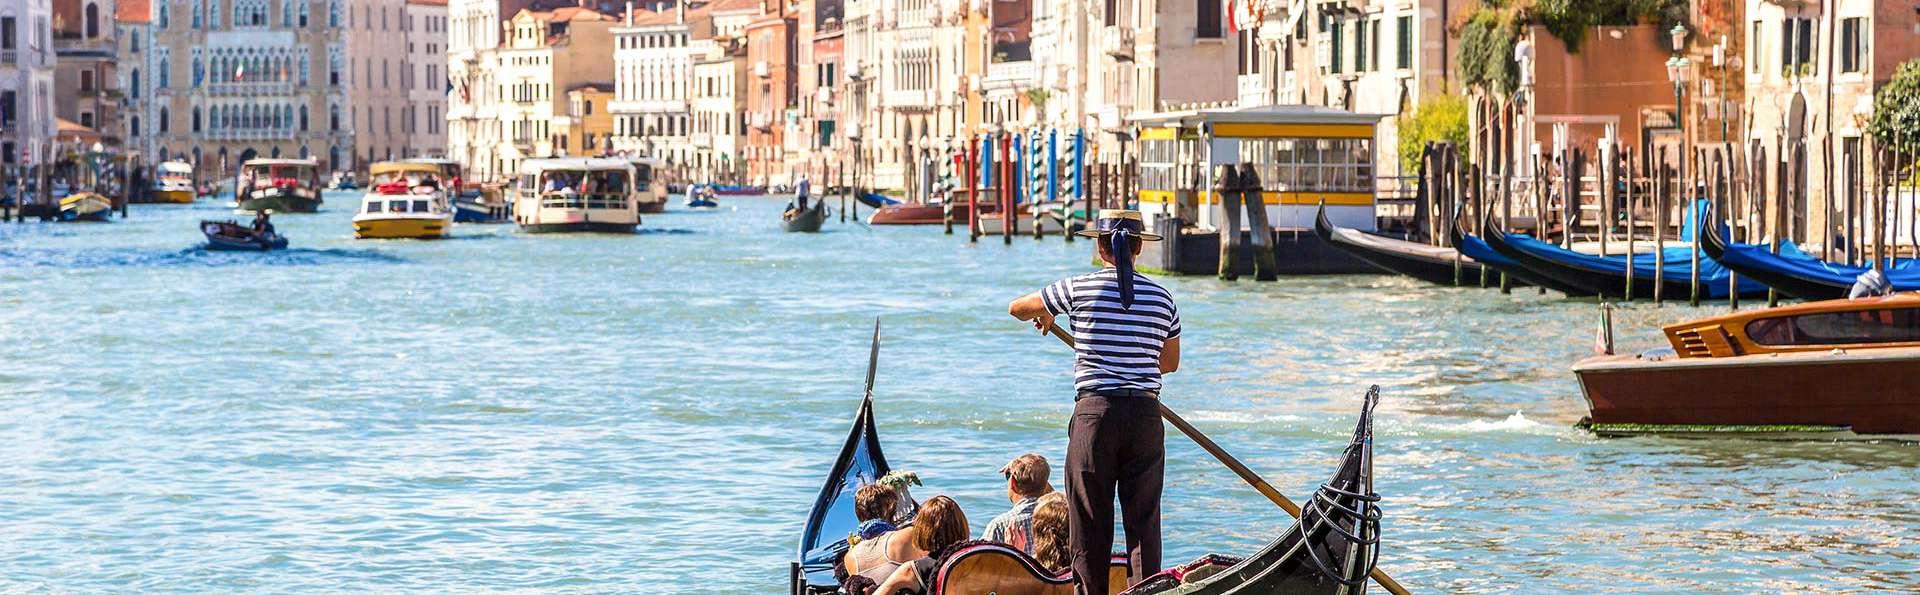 Vacances inoubliables au centre de Venise sur le Grand Canal